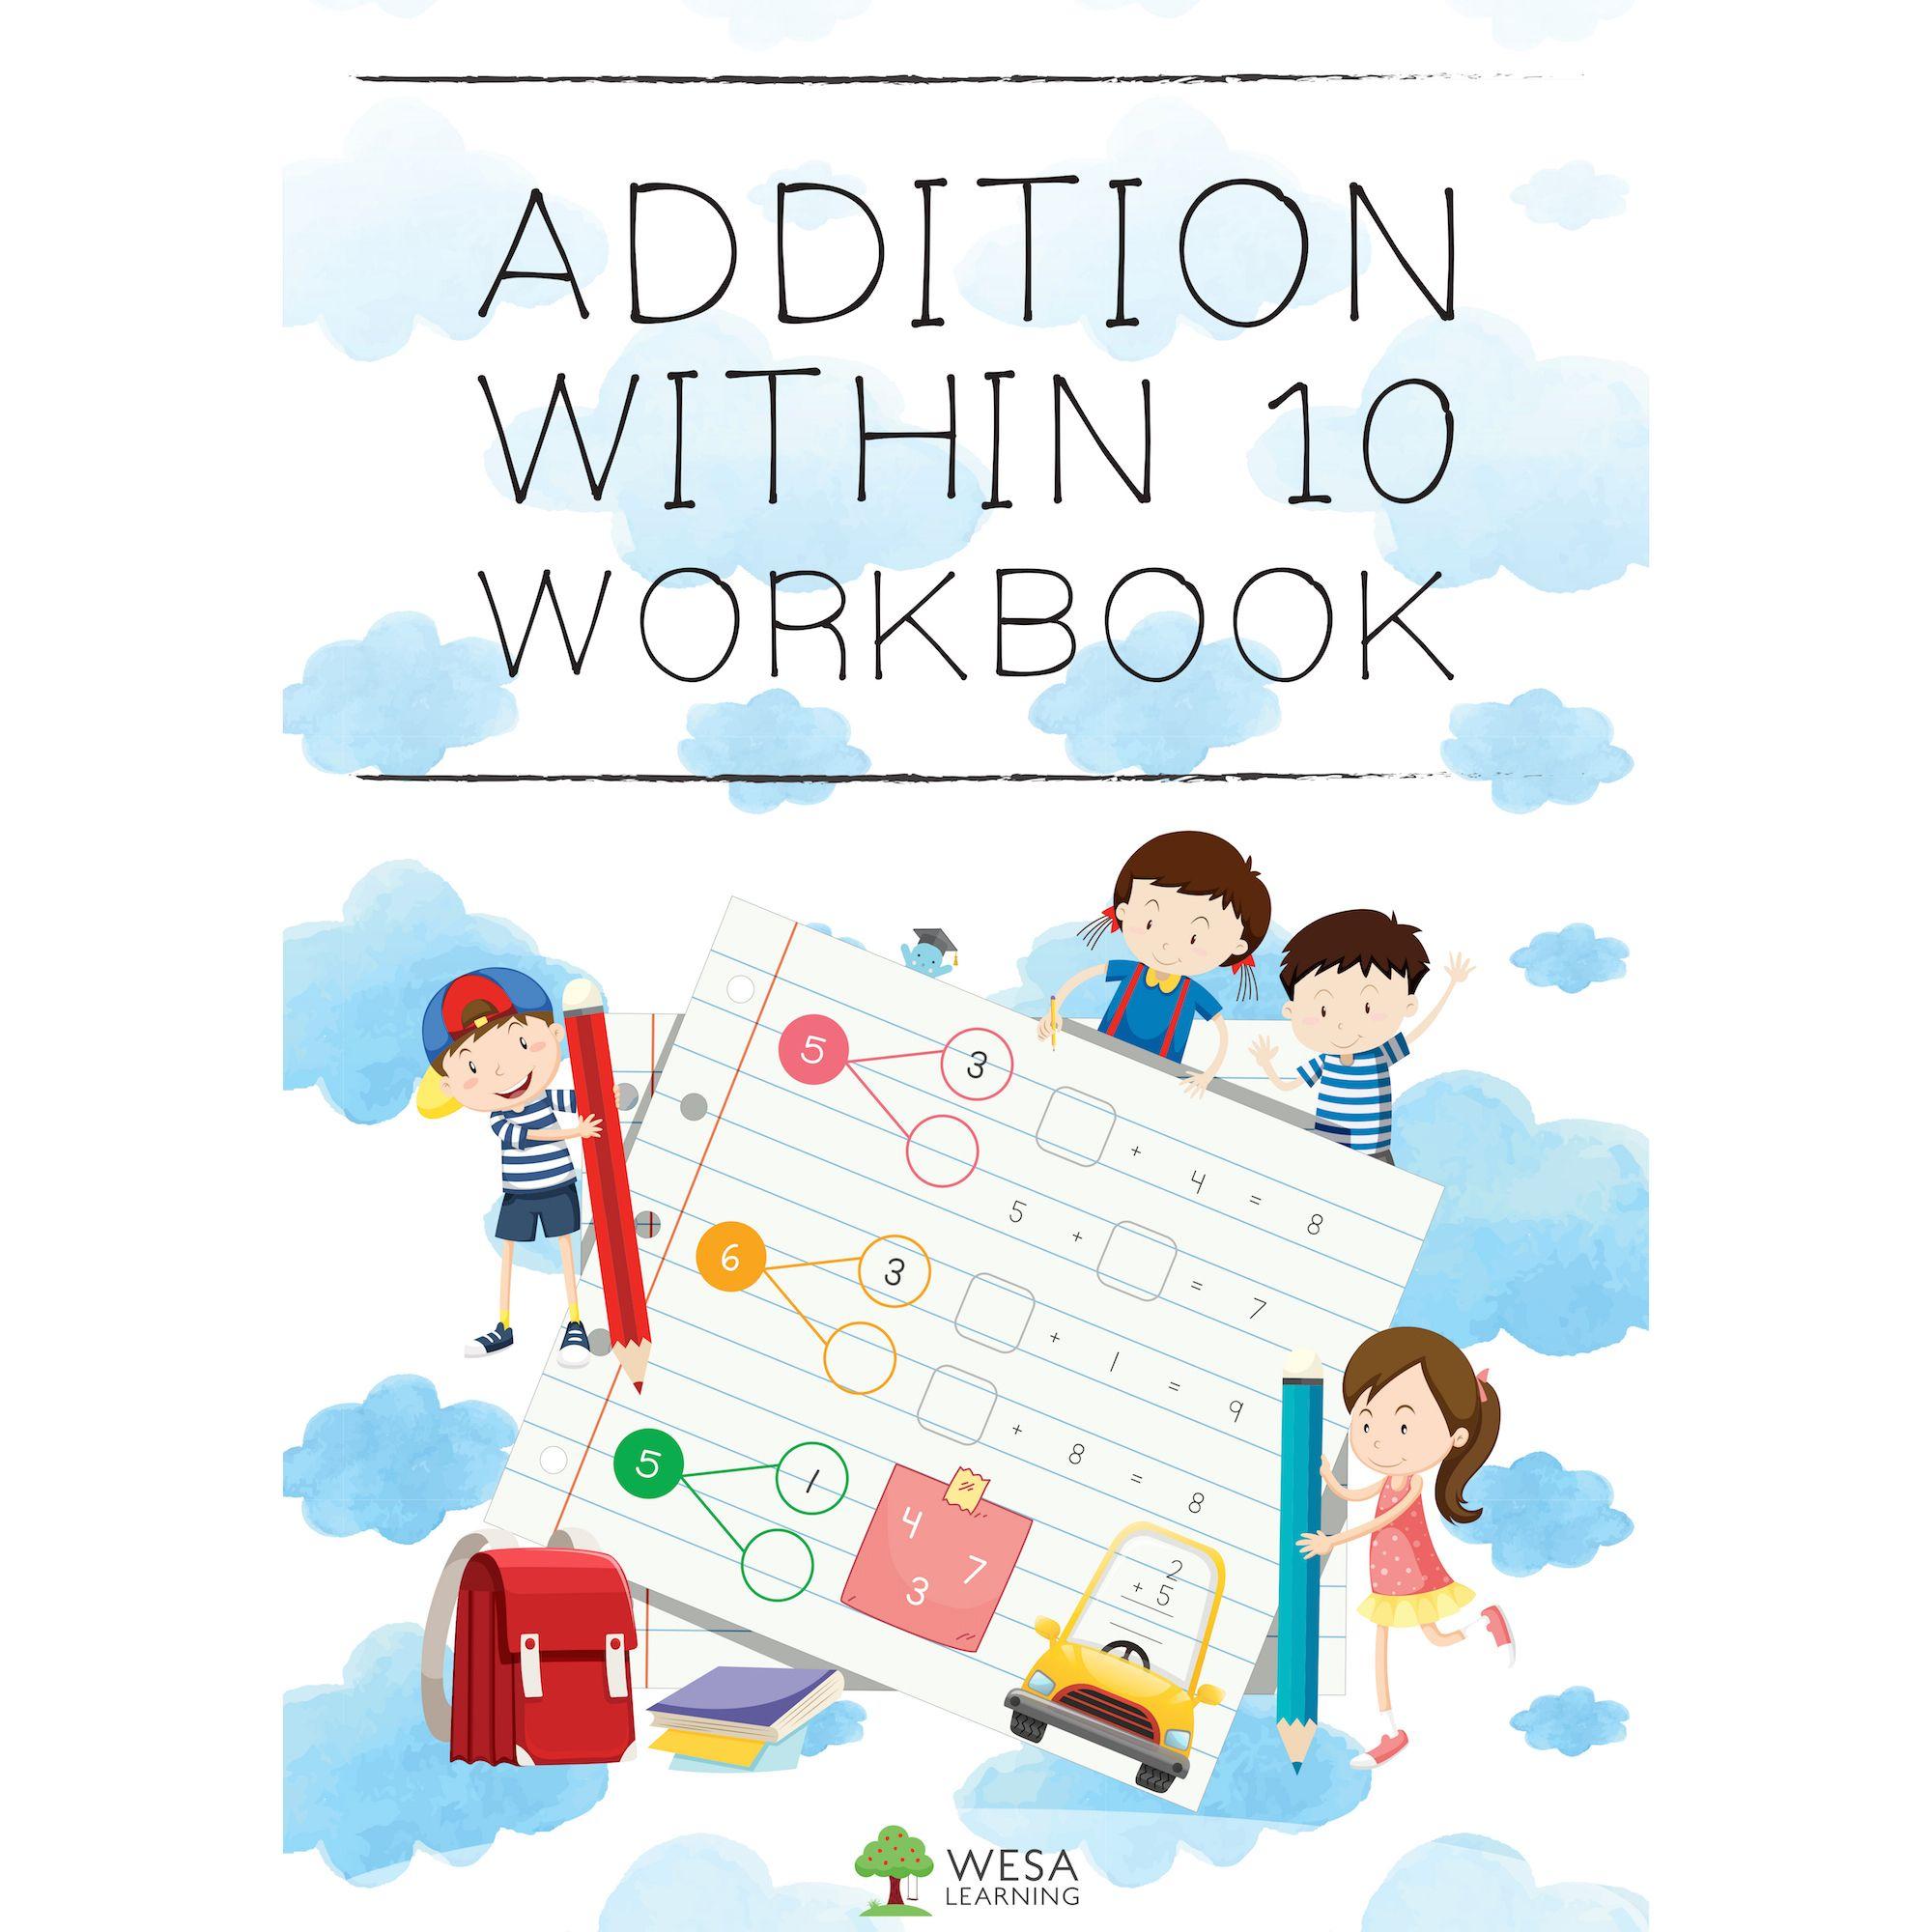 Addition Within 10 Workbook